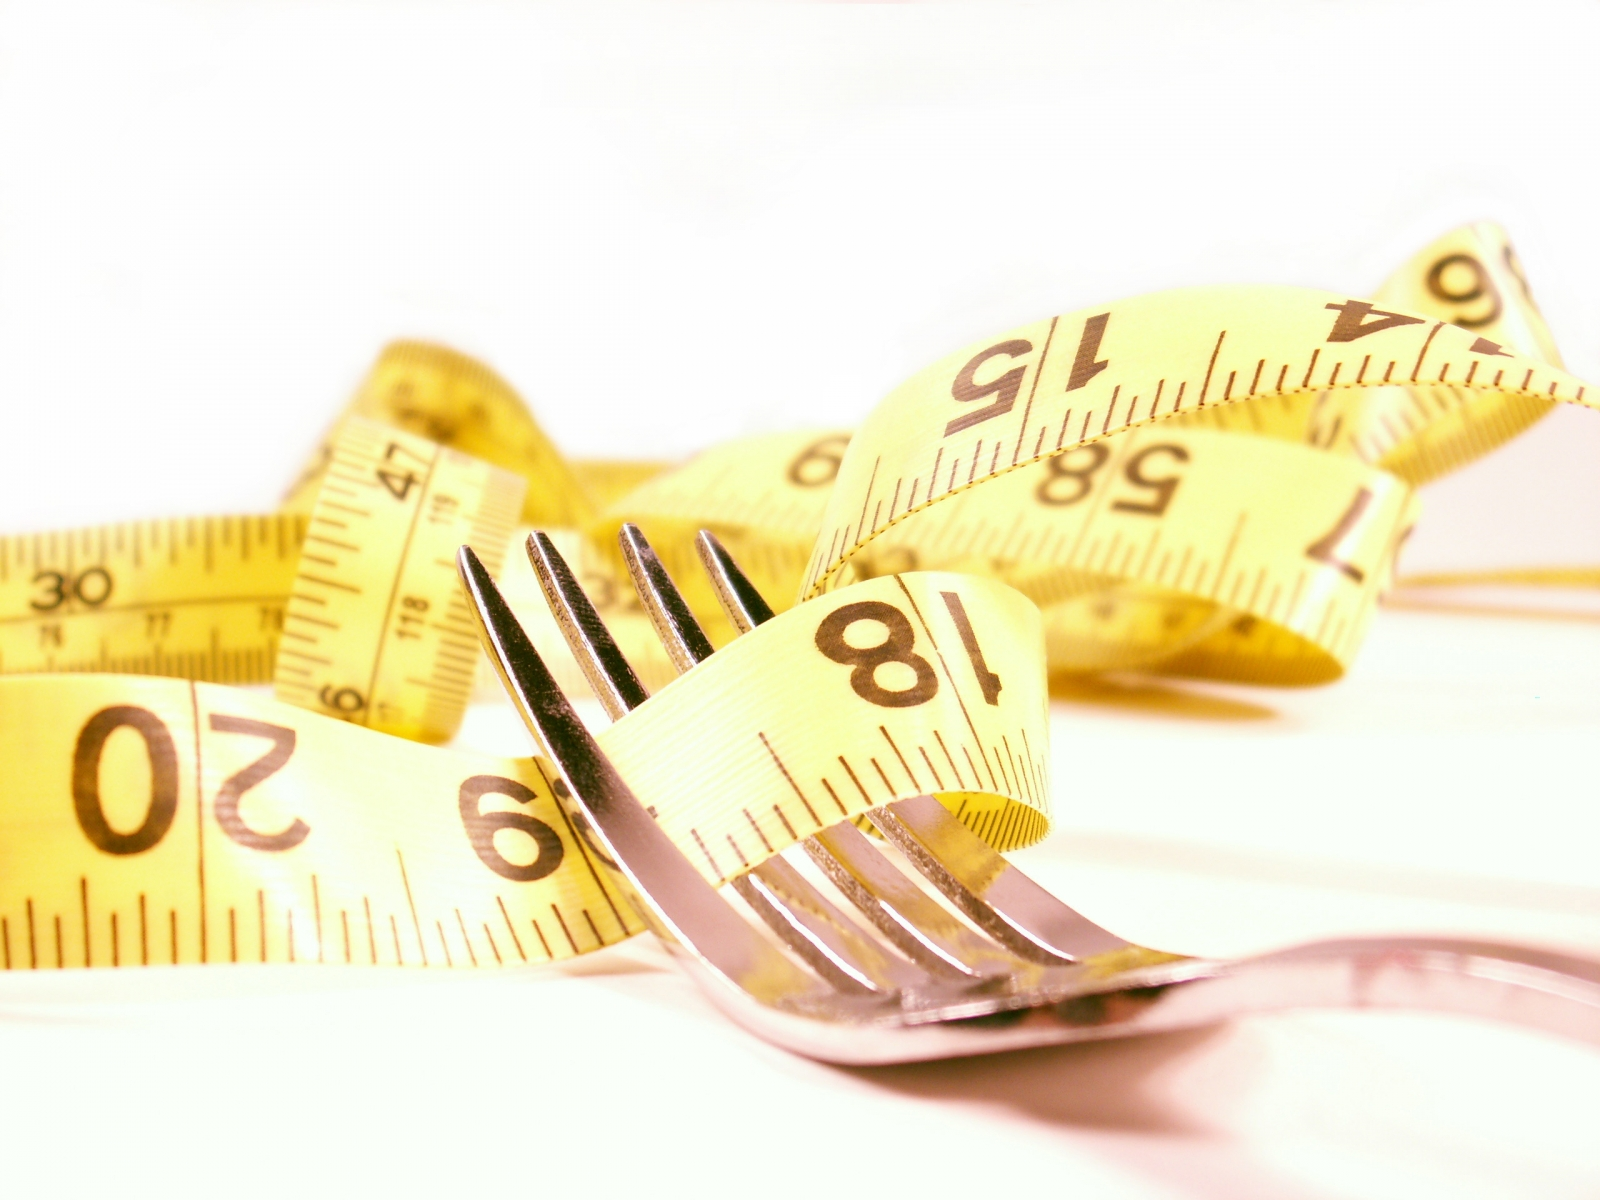 Dieta buena